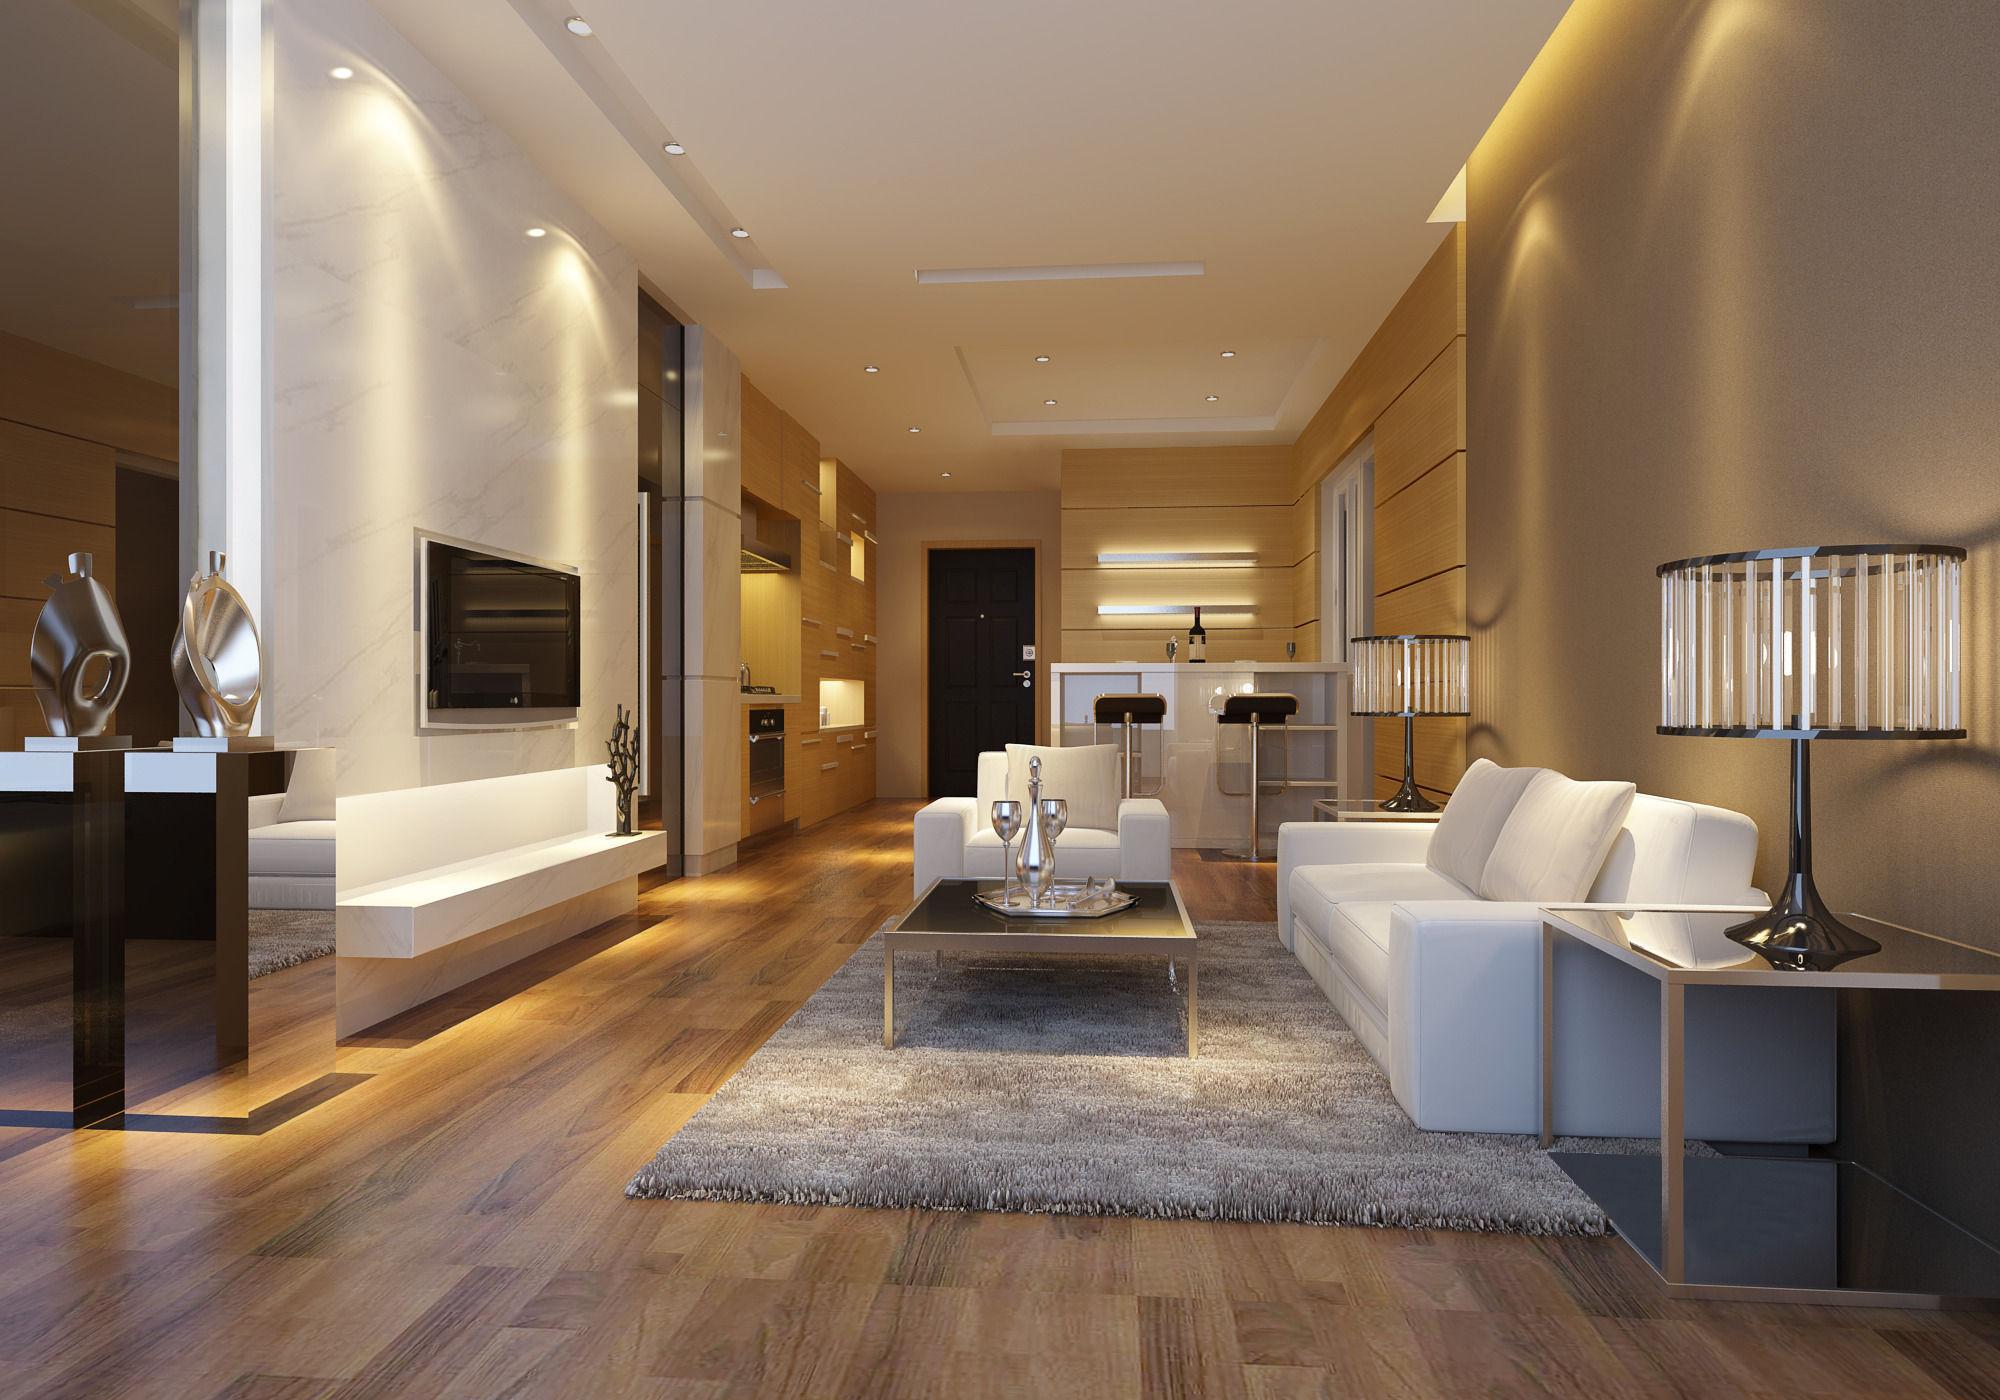 Realistic Interior Design 273 3D Model .max - CGTrader.com